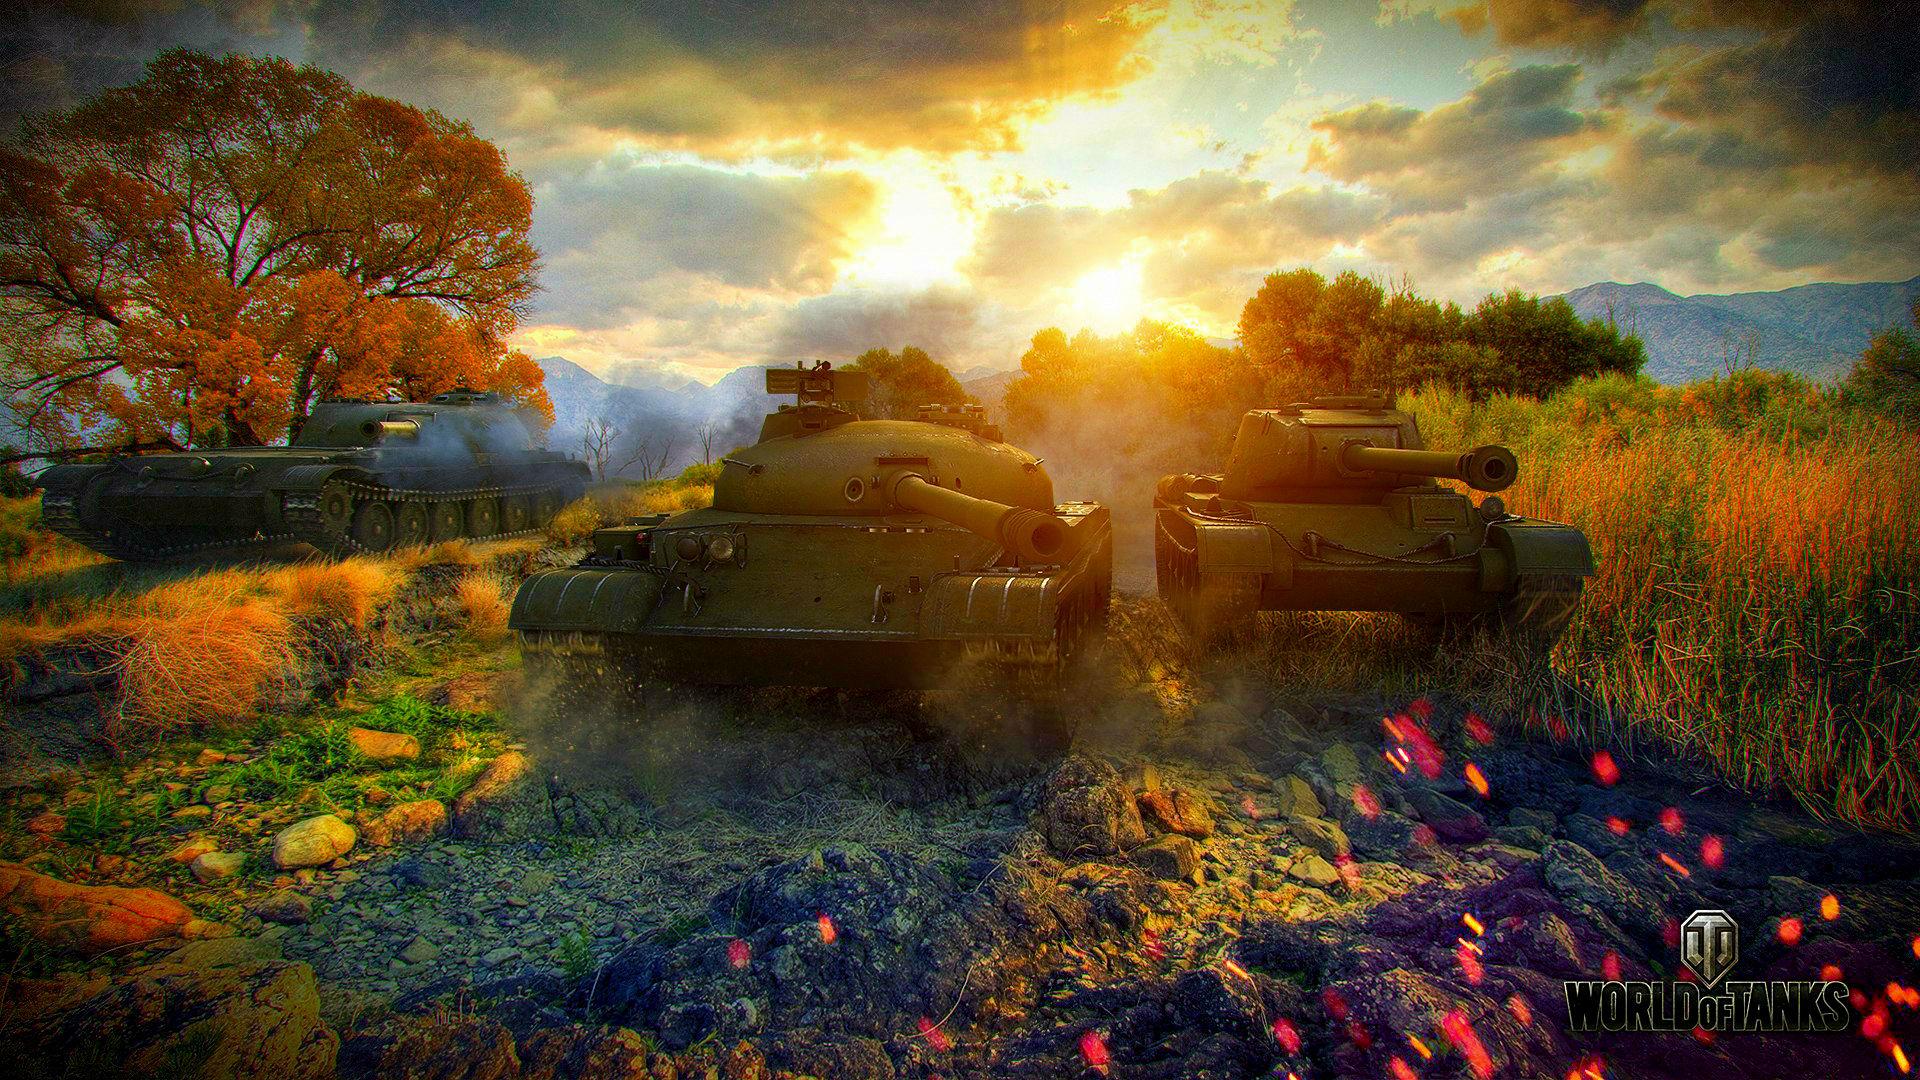 фон картинки для мира танков год здесь